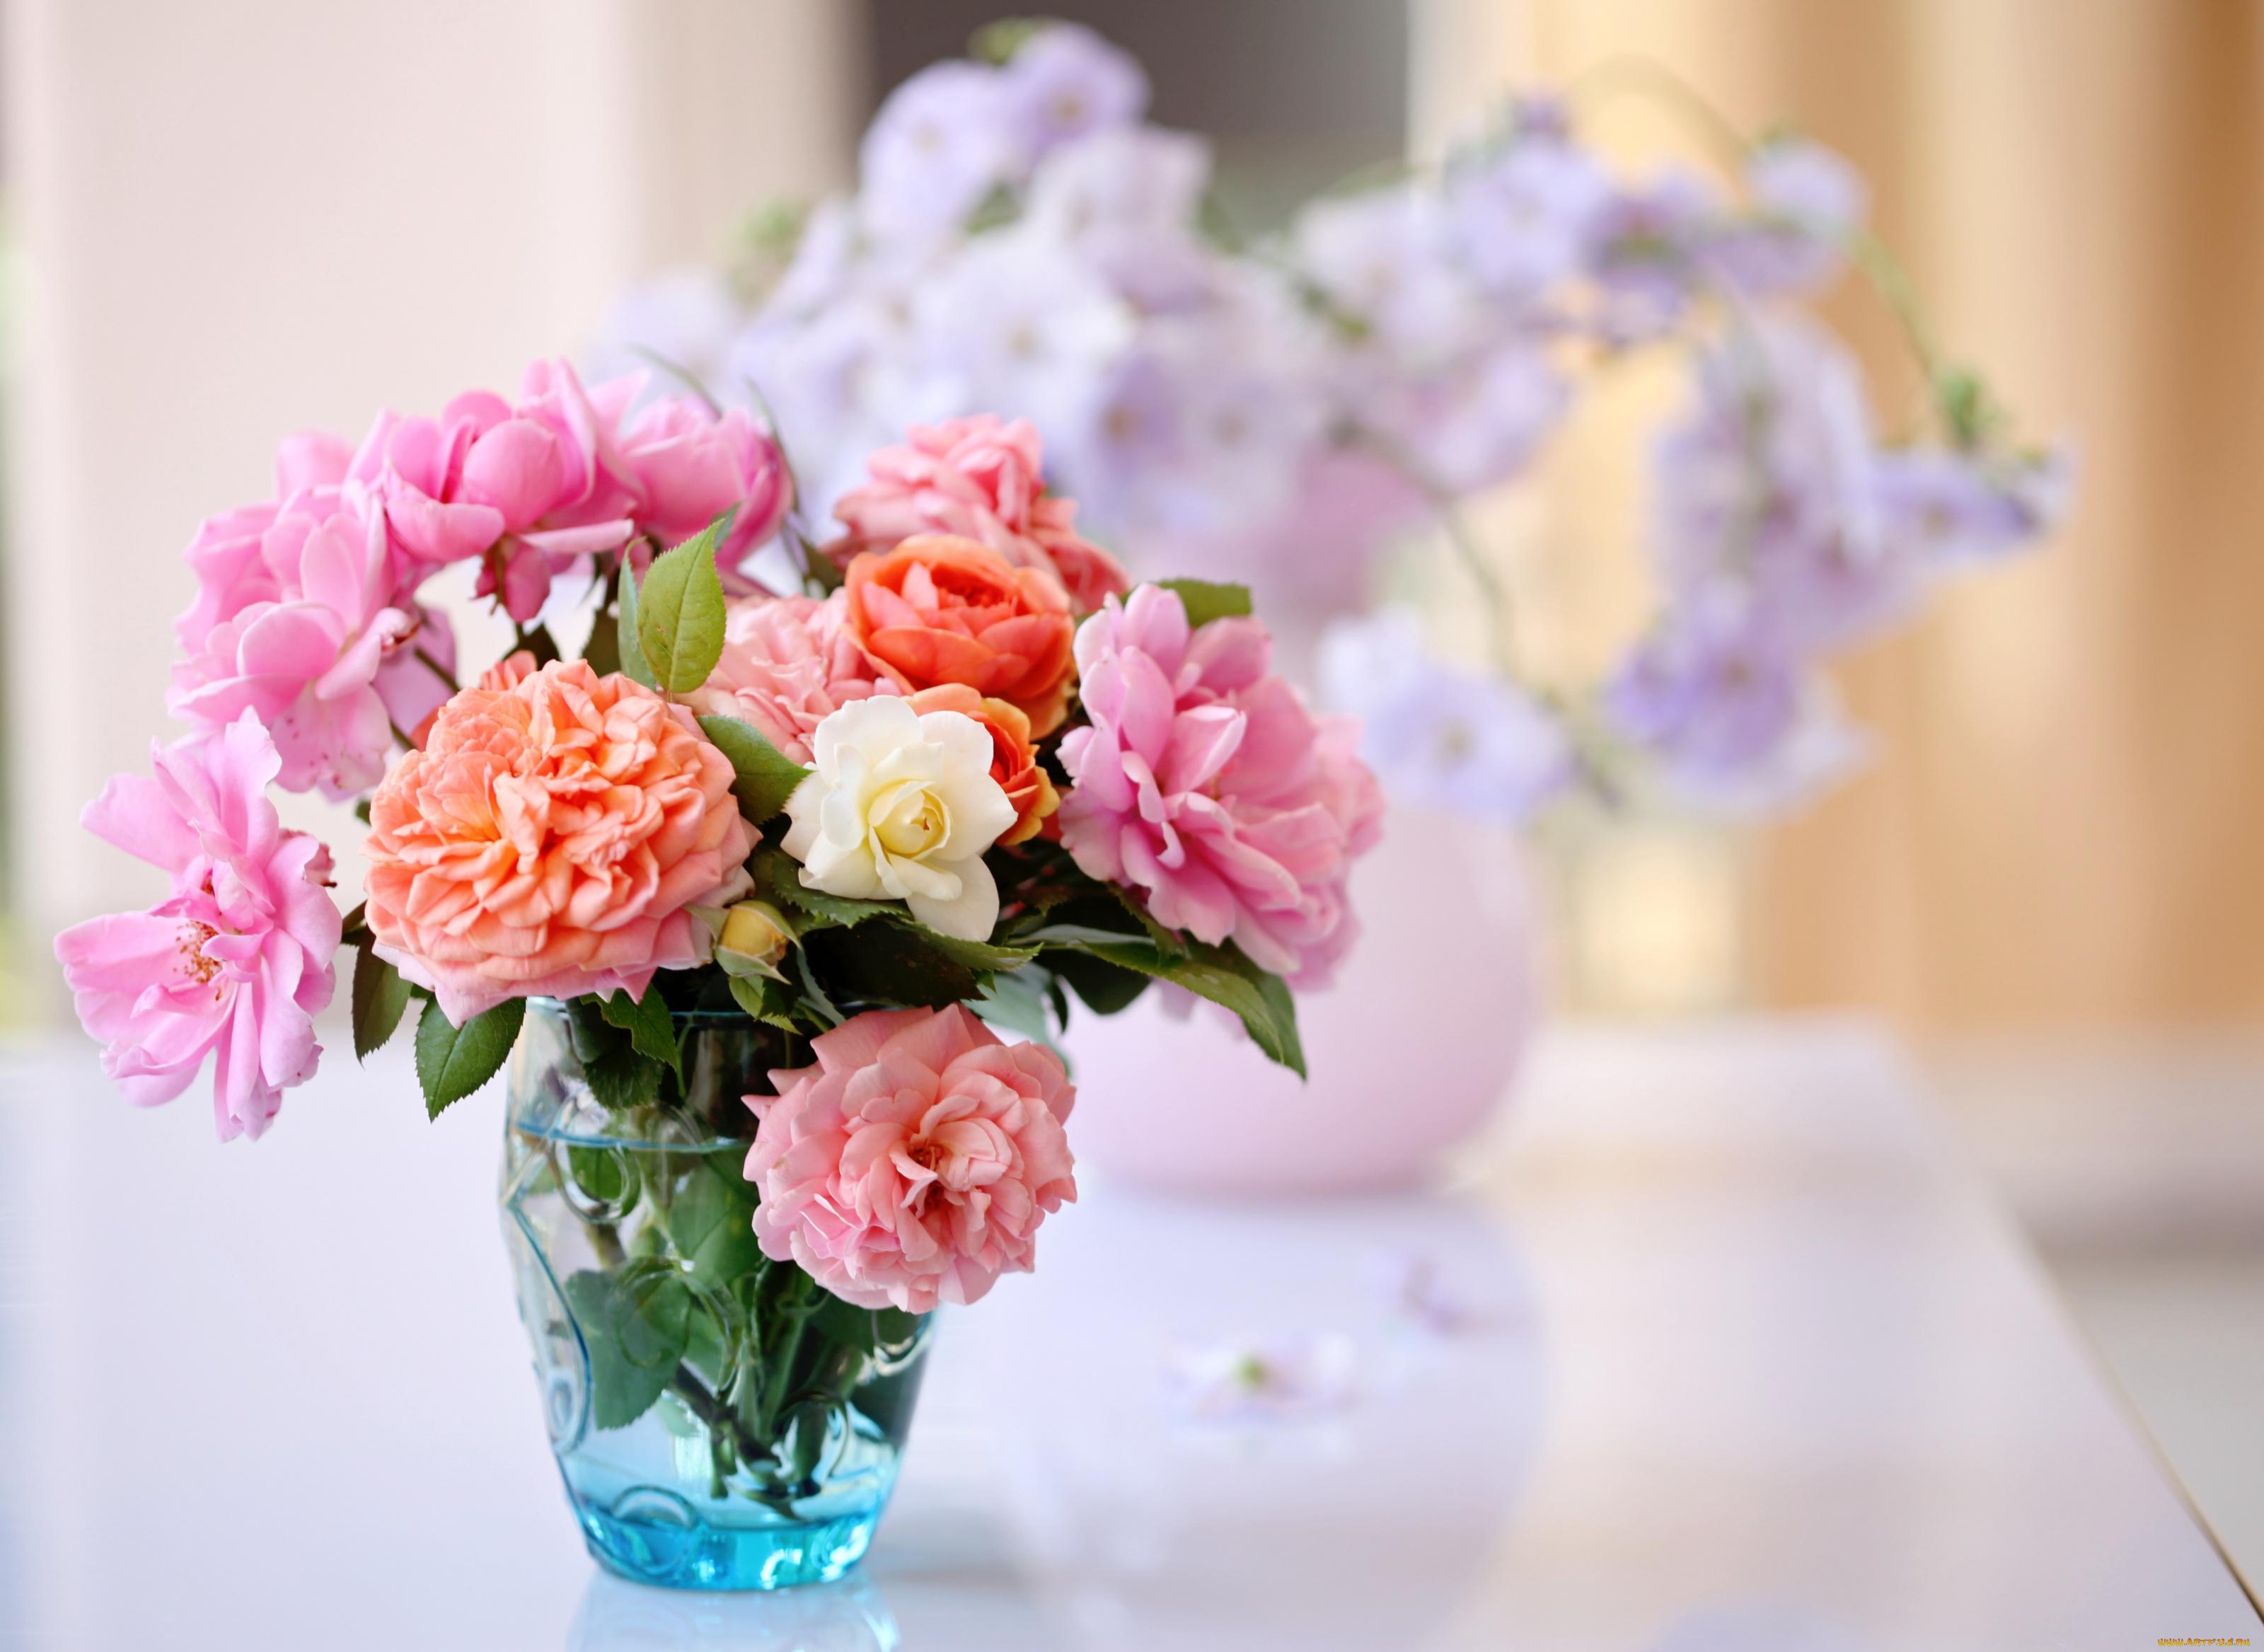 Открытки фото с цветами для блогов, надписью прекрасного